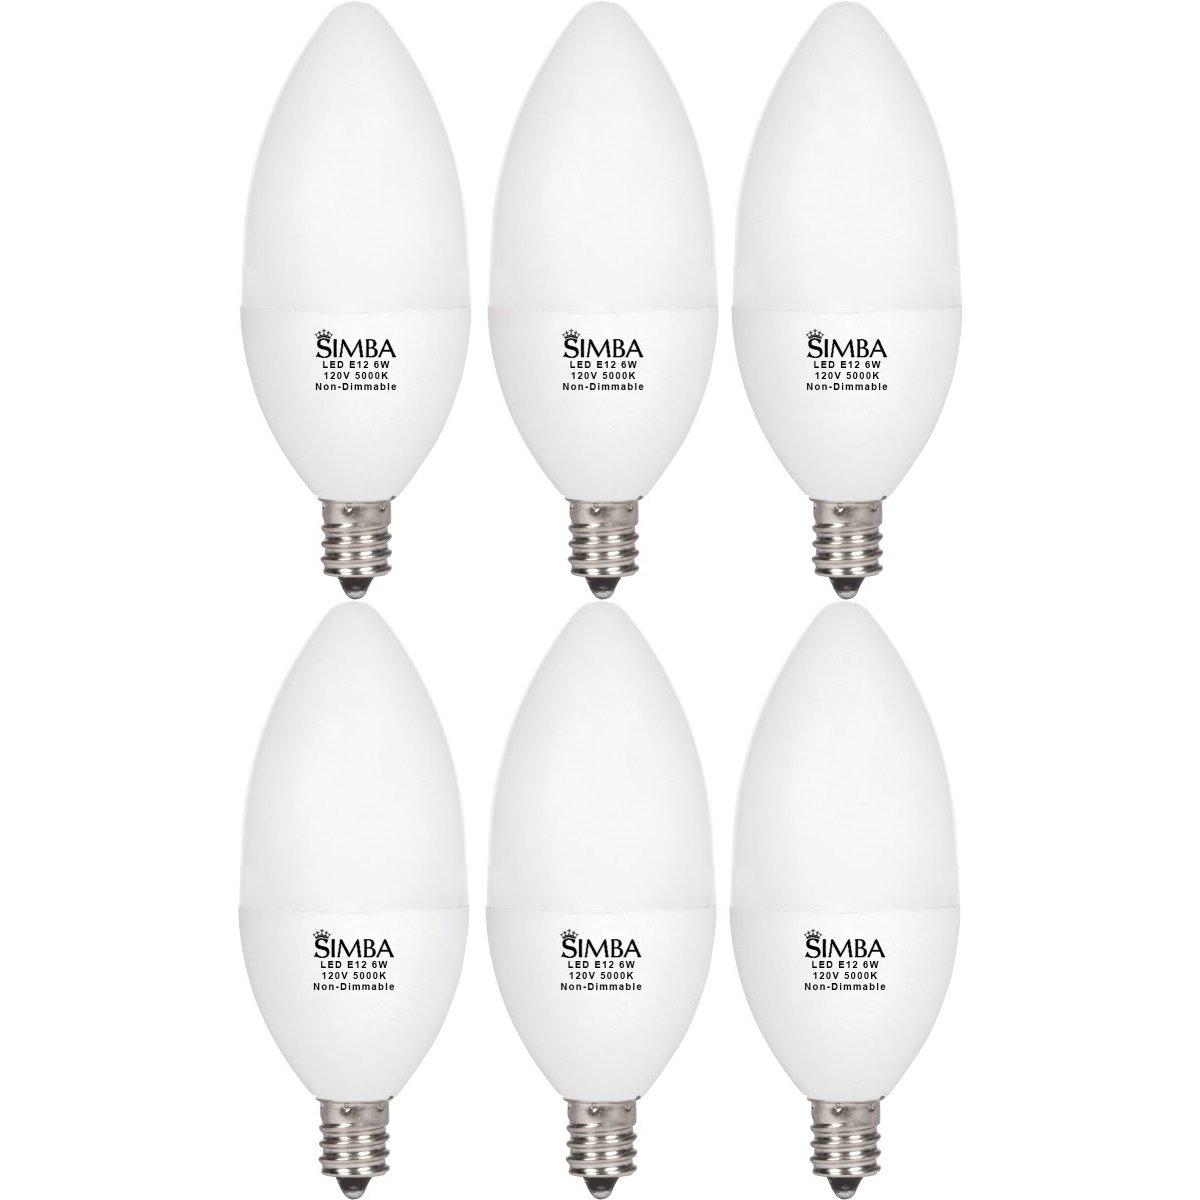 Led Chandelier Bulbs: 6 LED Candelabra Base Chandelier Bulb Light Bulbs E12